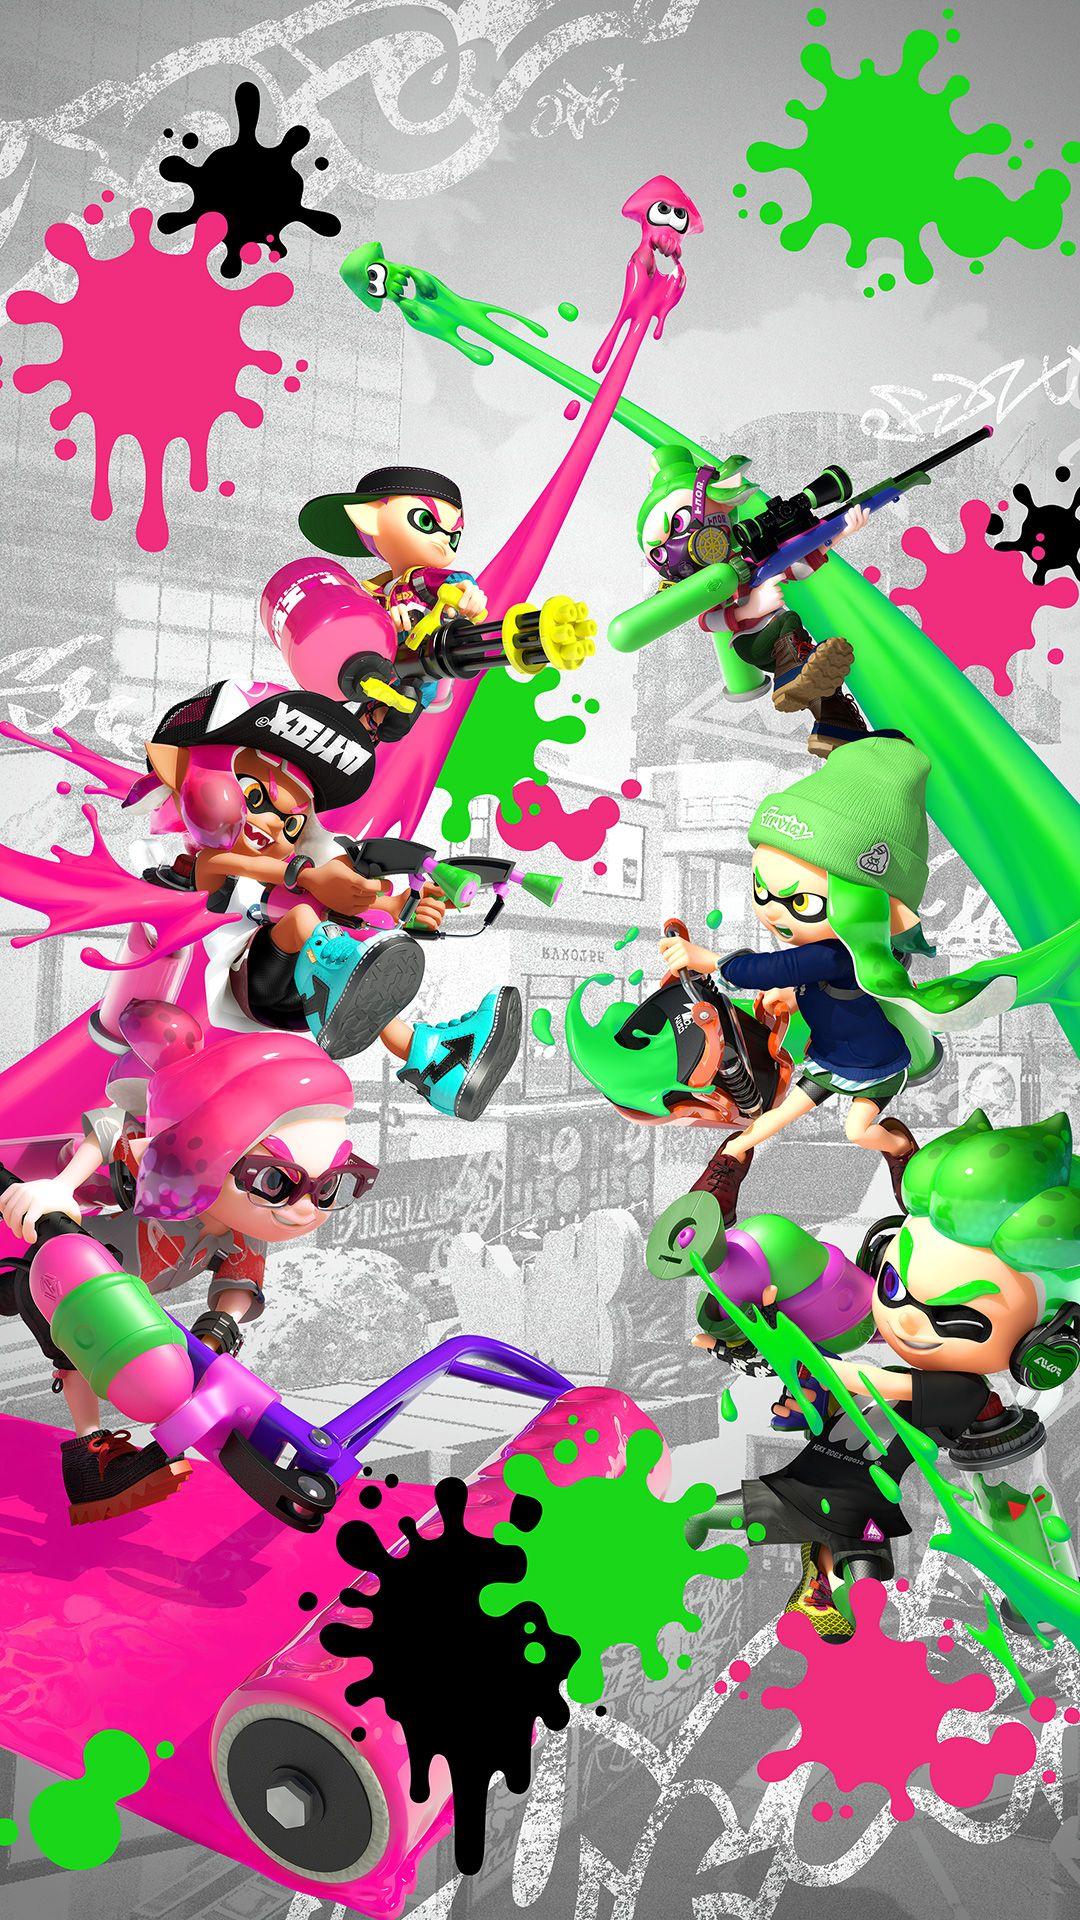 Splatoon 2 Wallpapers Ninmobilenews Splatoon Nintendo Splatoon Iphone Wallpaper